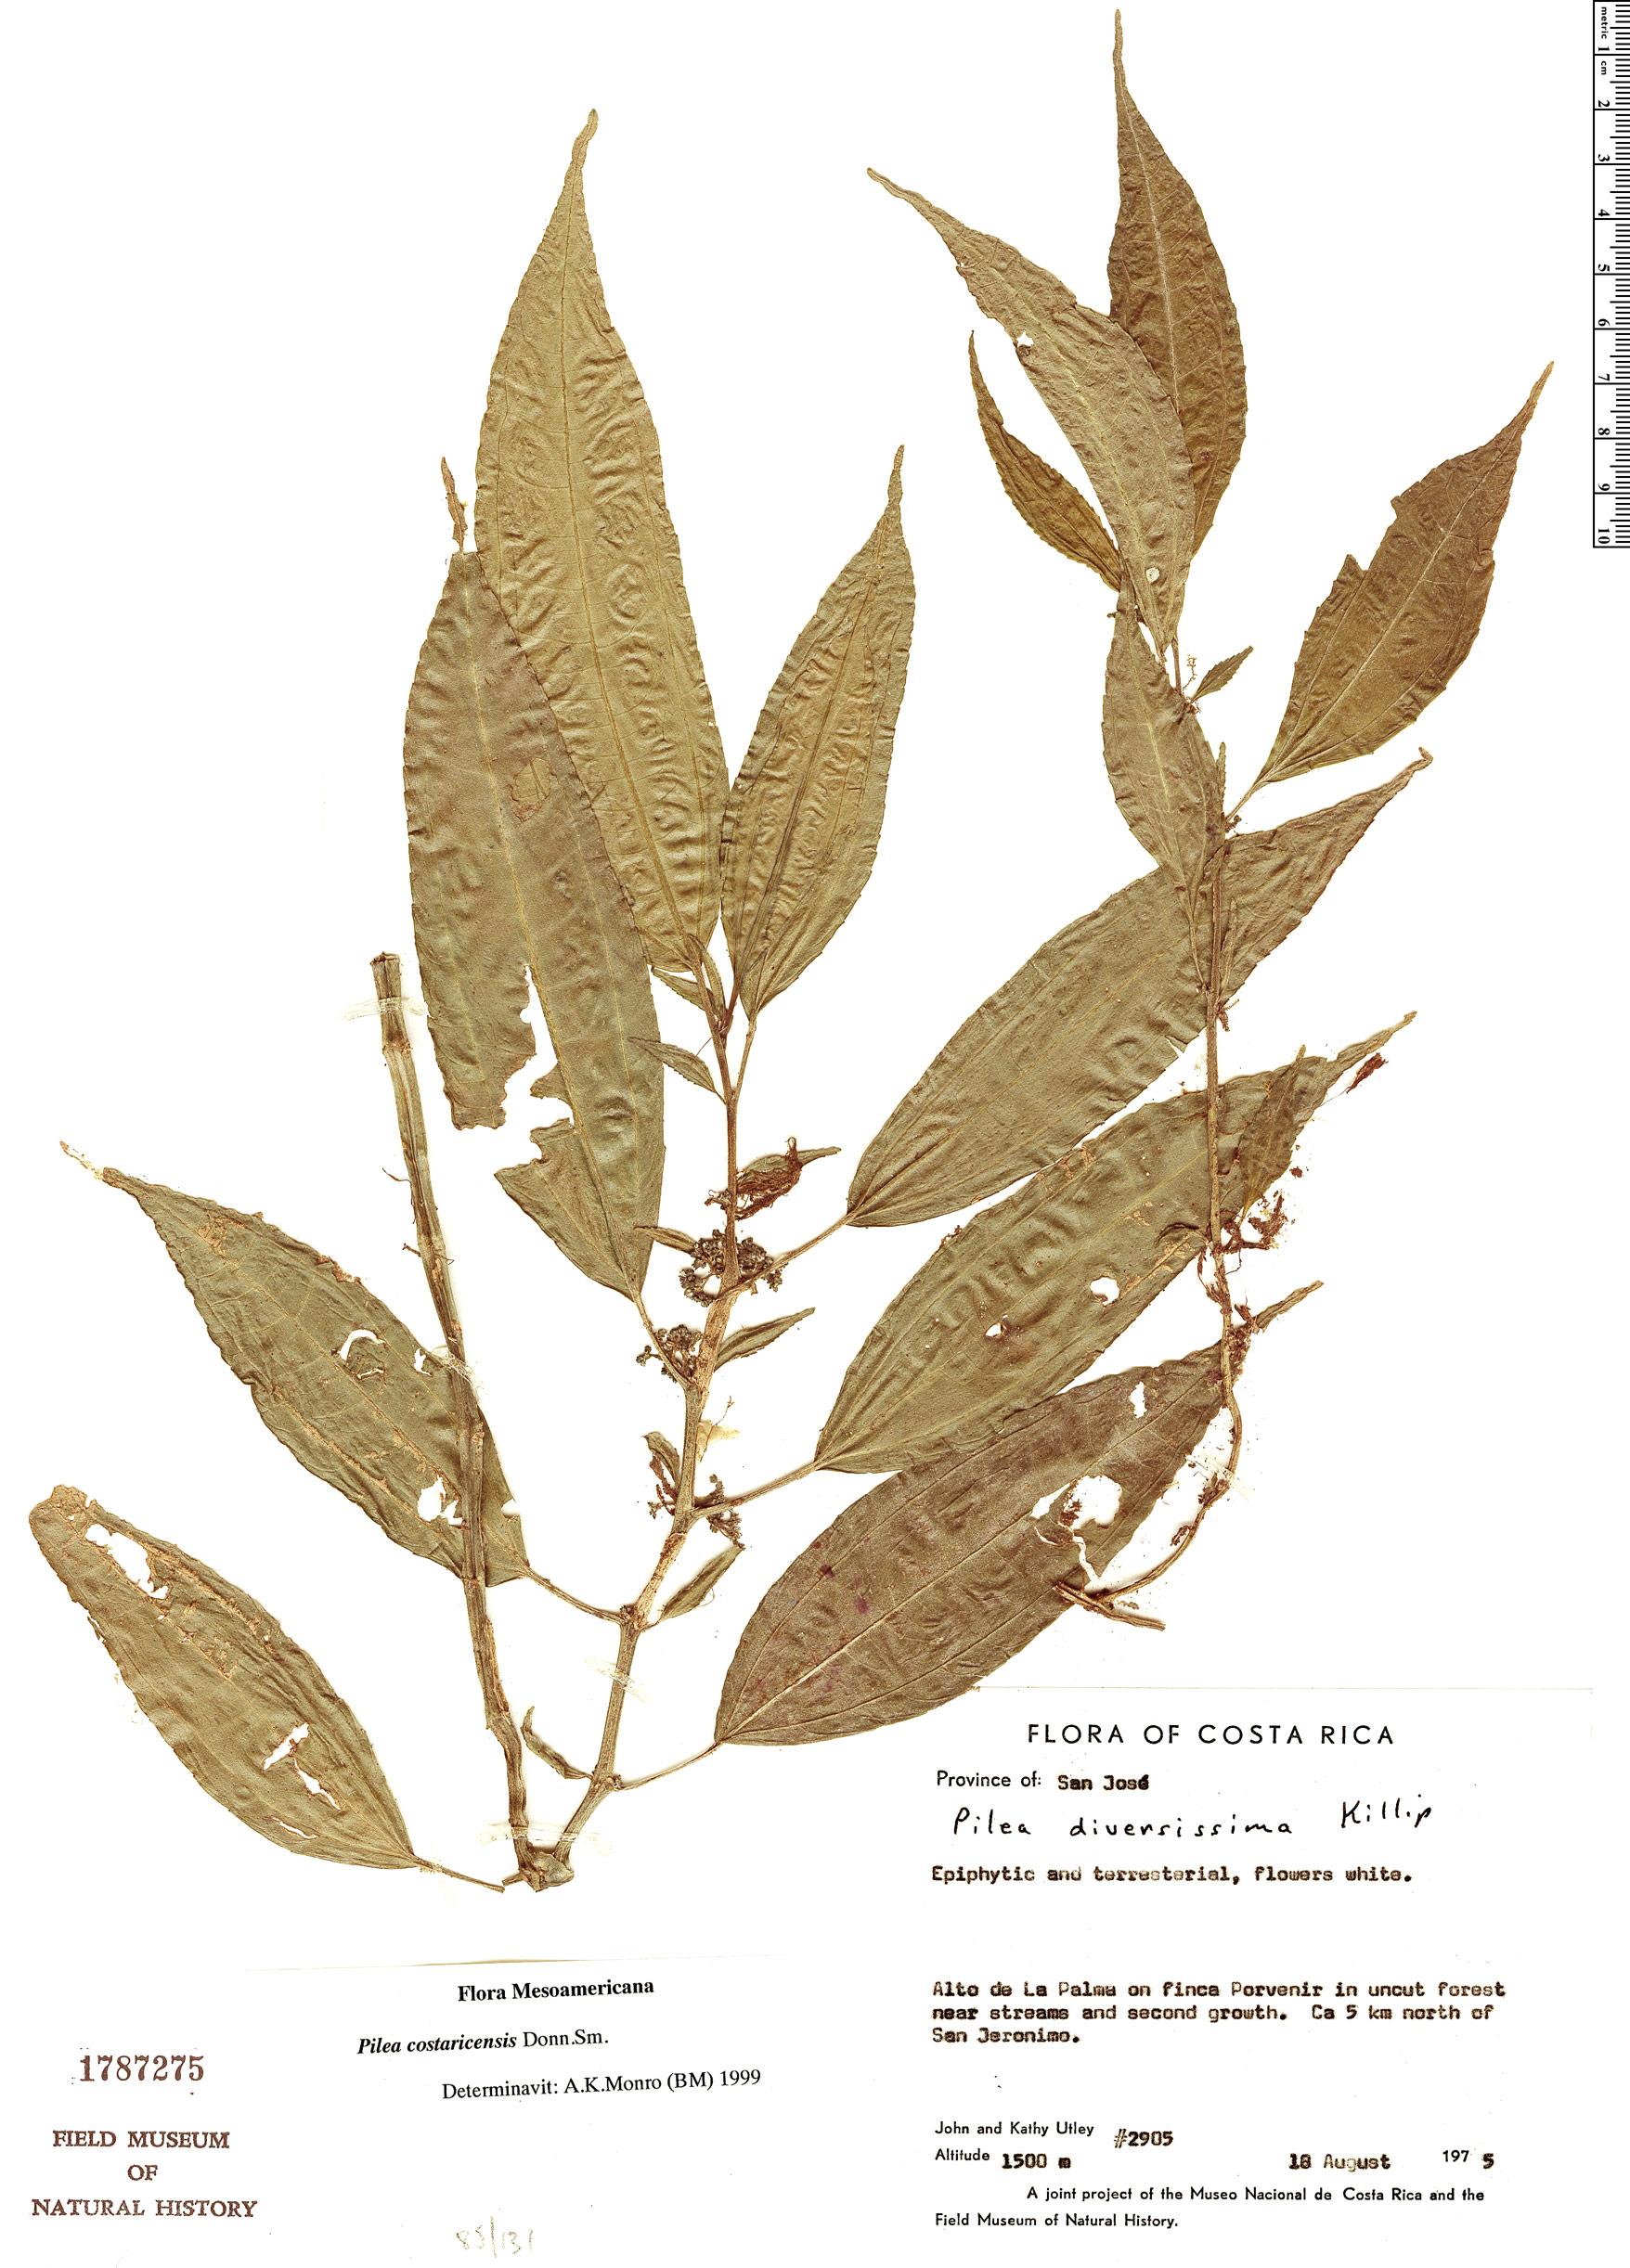 Specimen: Pilea costaricensis